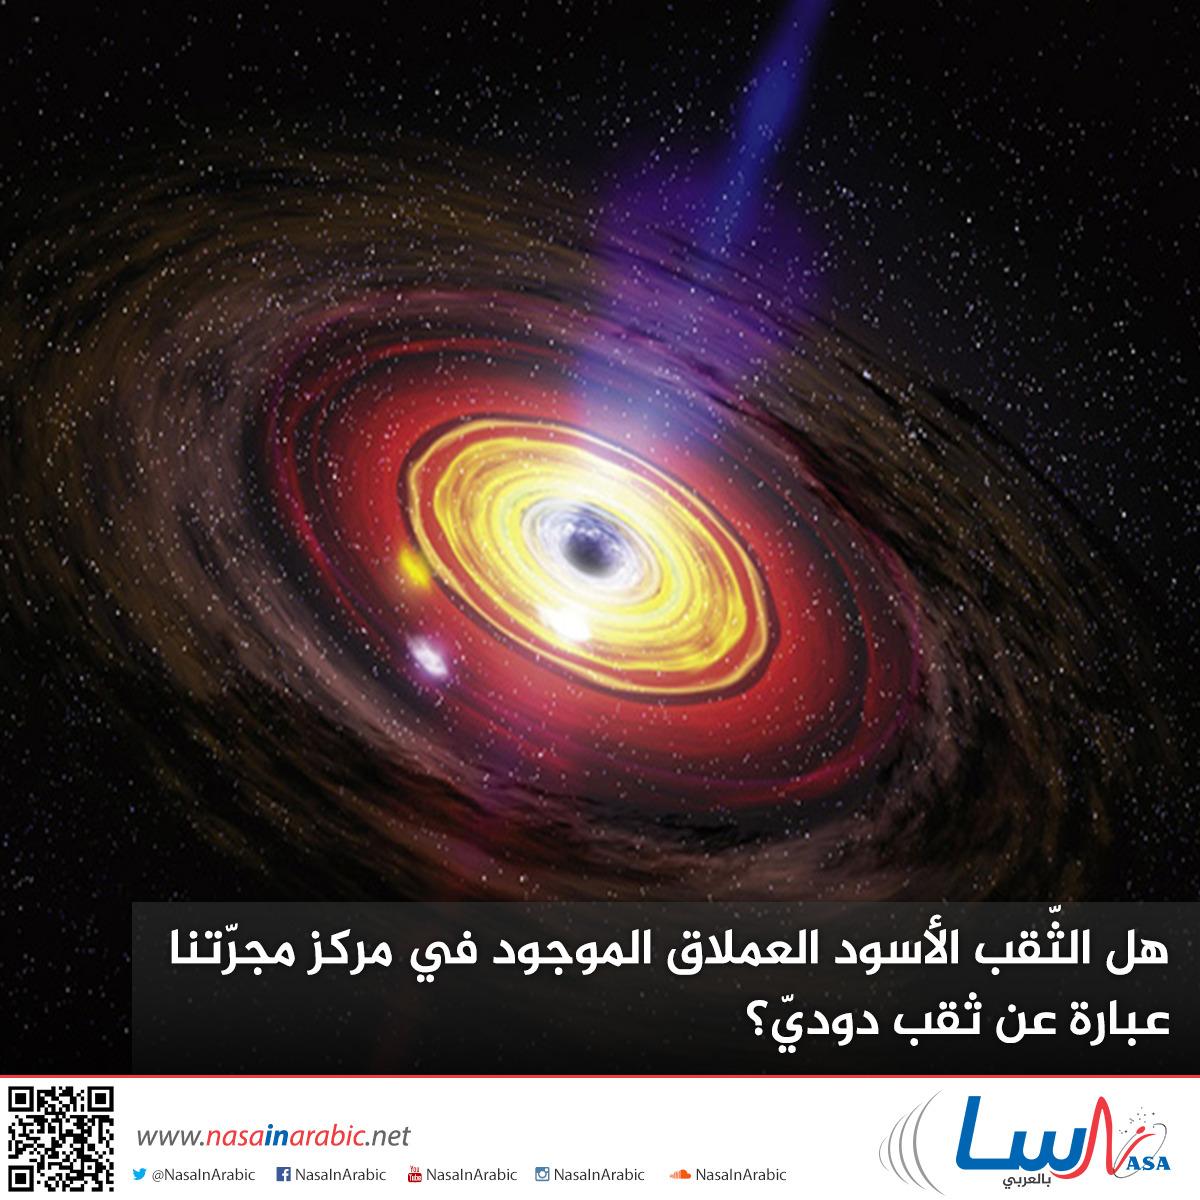 هل الثّقب الأسود العملاق الموجود في مركز مجرّتنا عبارة عن ثقب دوديّ؟